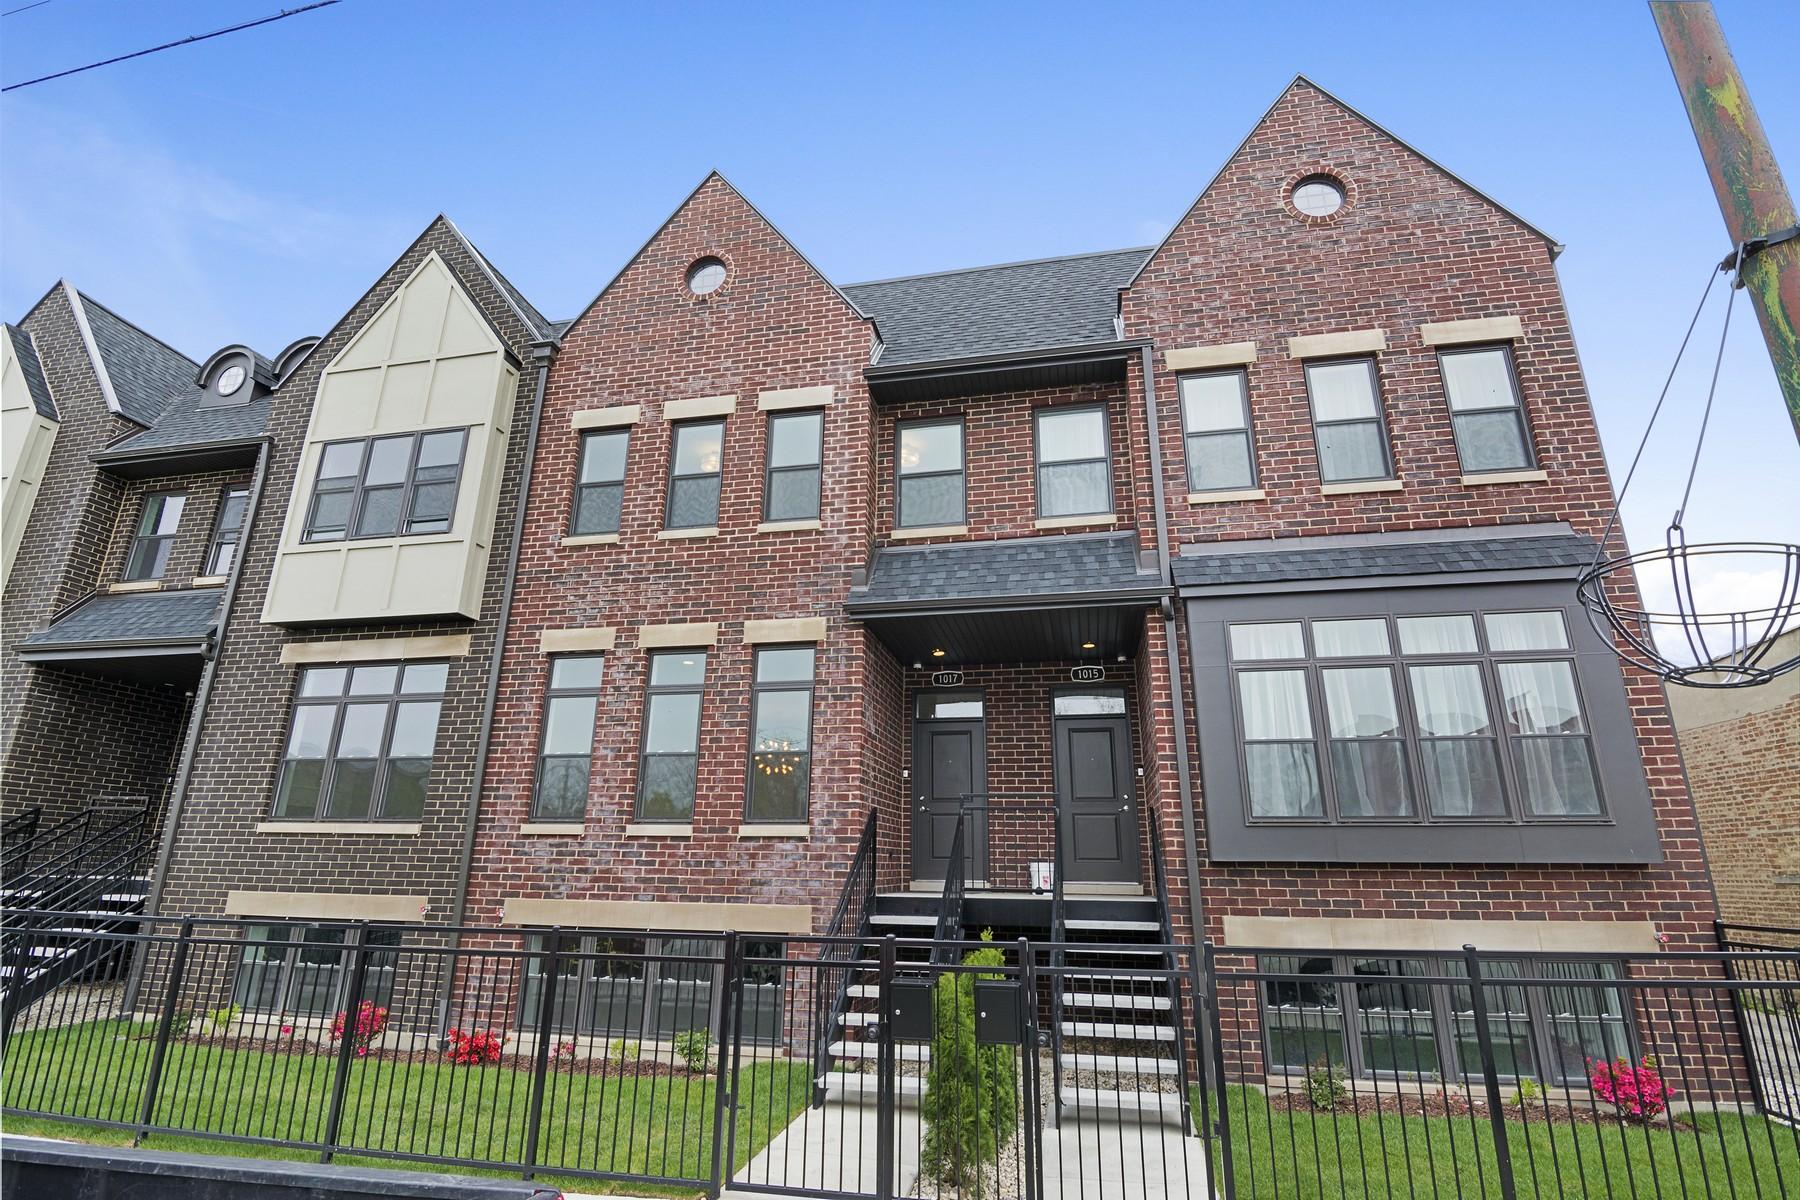 一戸建て のために 売買 アット Brand New Luxury Row Home 4302A S Drexel Boulevard, Chicago, イリノイ, 60653 アメリカ合衆国